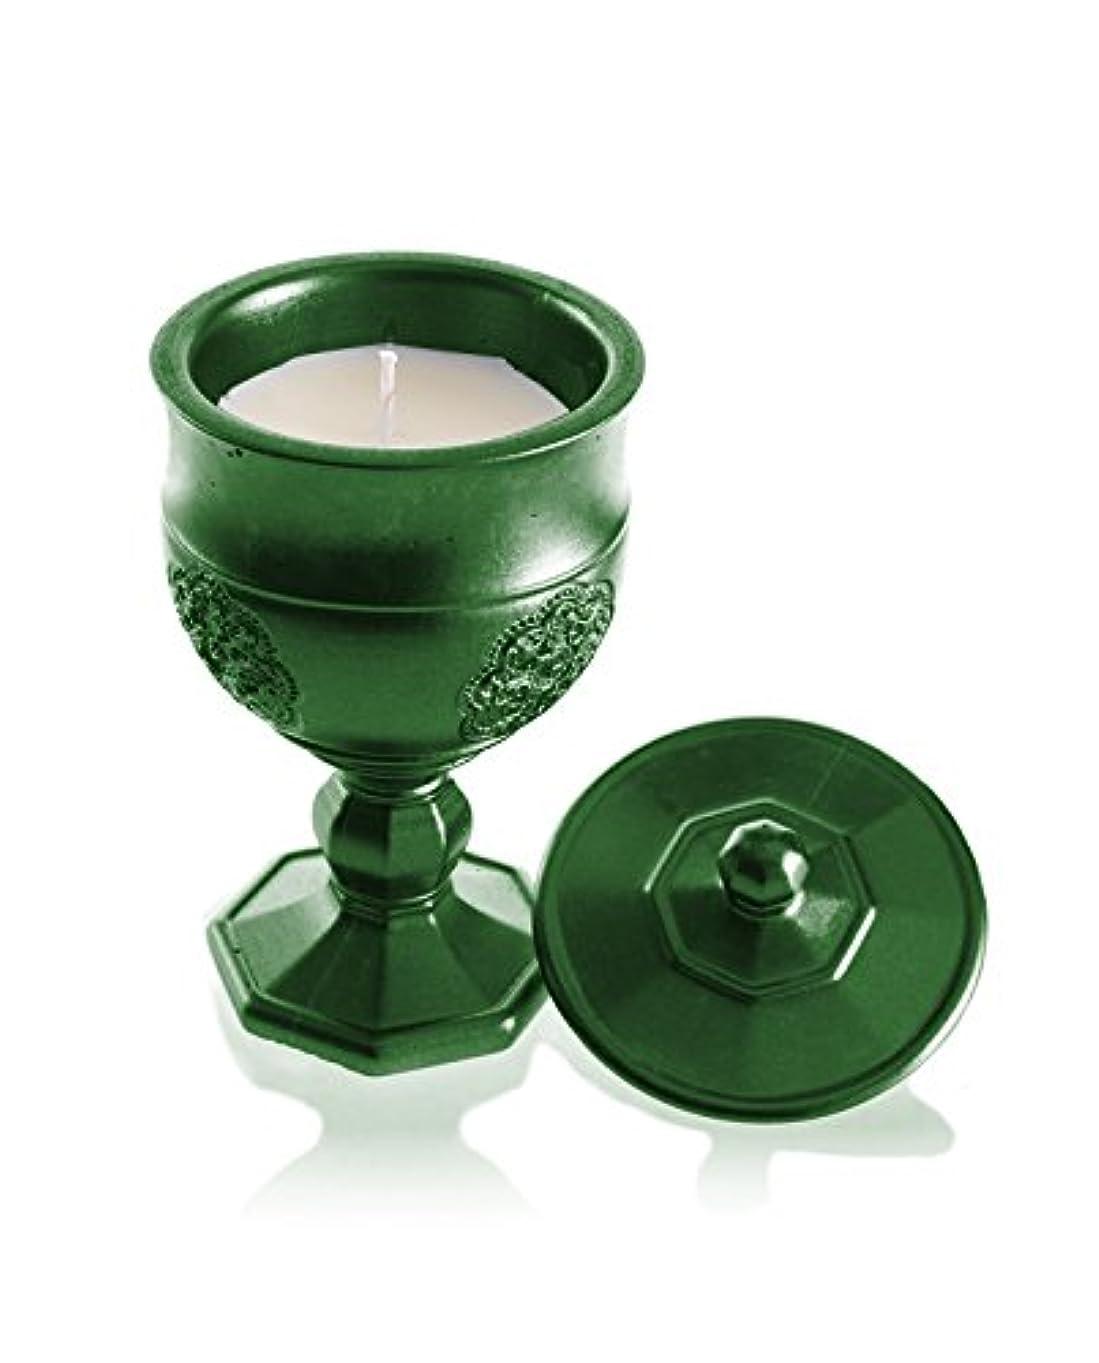 ボイドあえて木製Candellana Candles キャンドルフォート コンクリートキャンドル グラールグリーンメタリック 香り:レモングラス